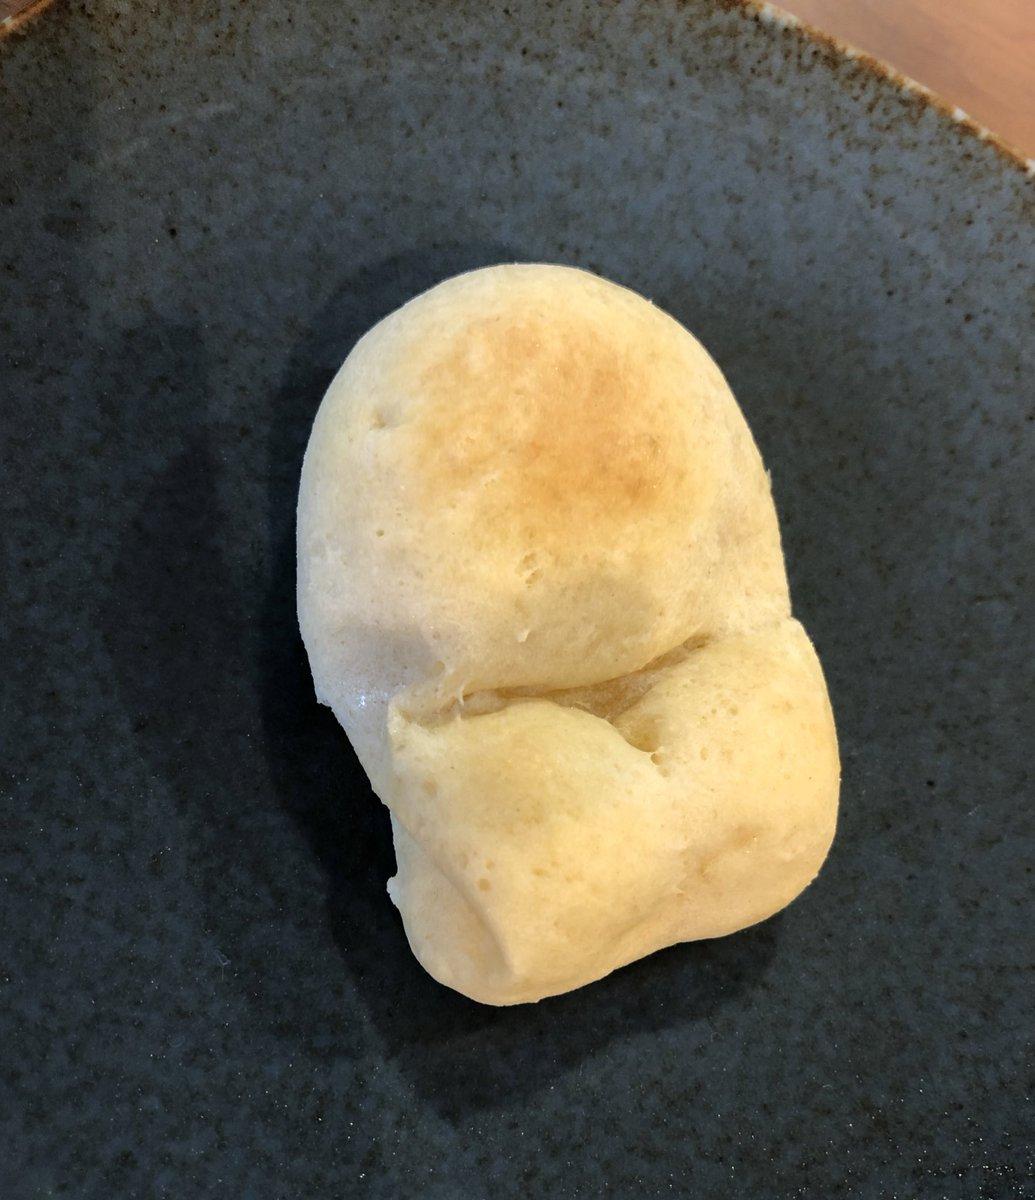 これはむすめと焼いた正座しているパン(うさぎになる予定だった)